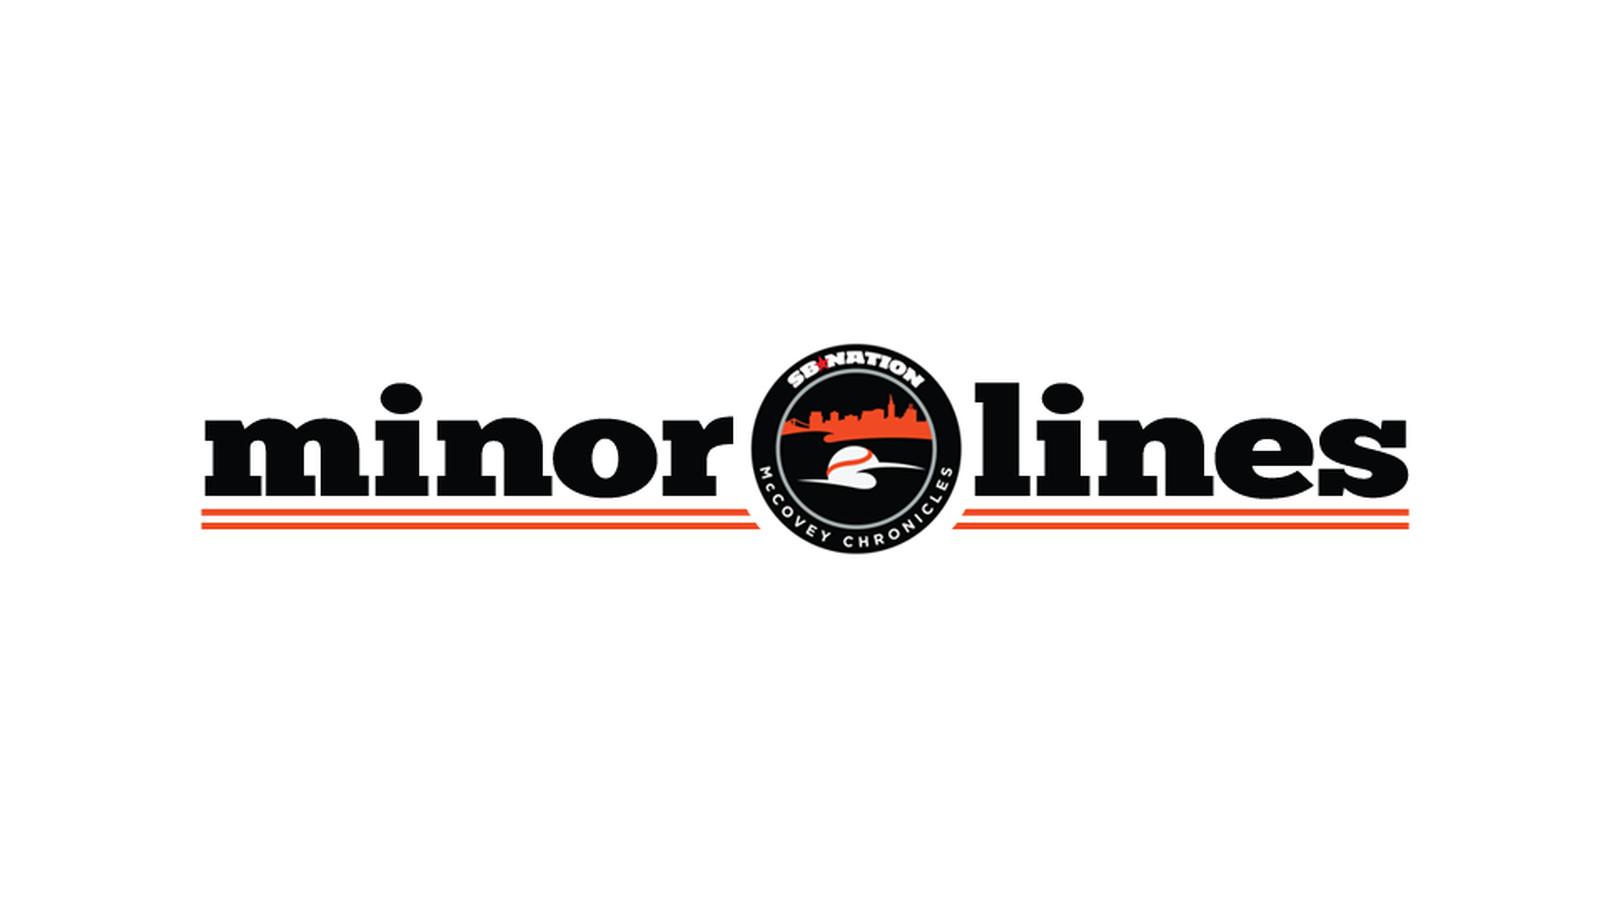 minor lines, 8/30/13